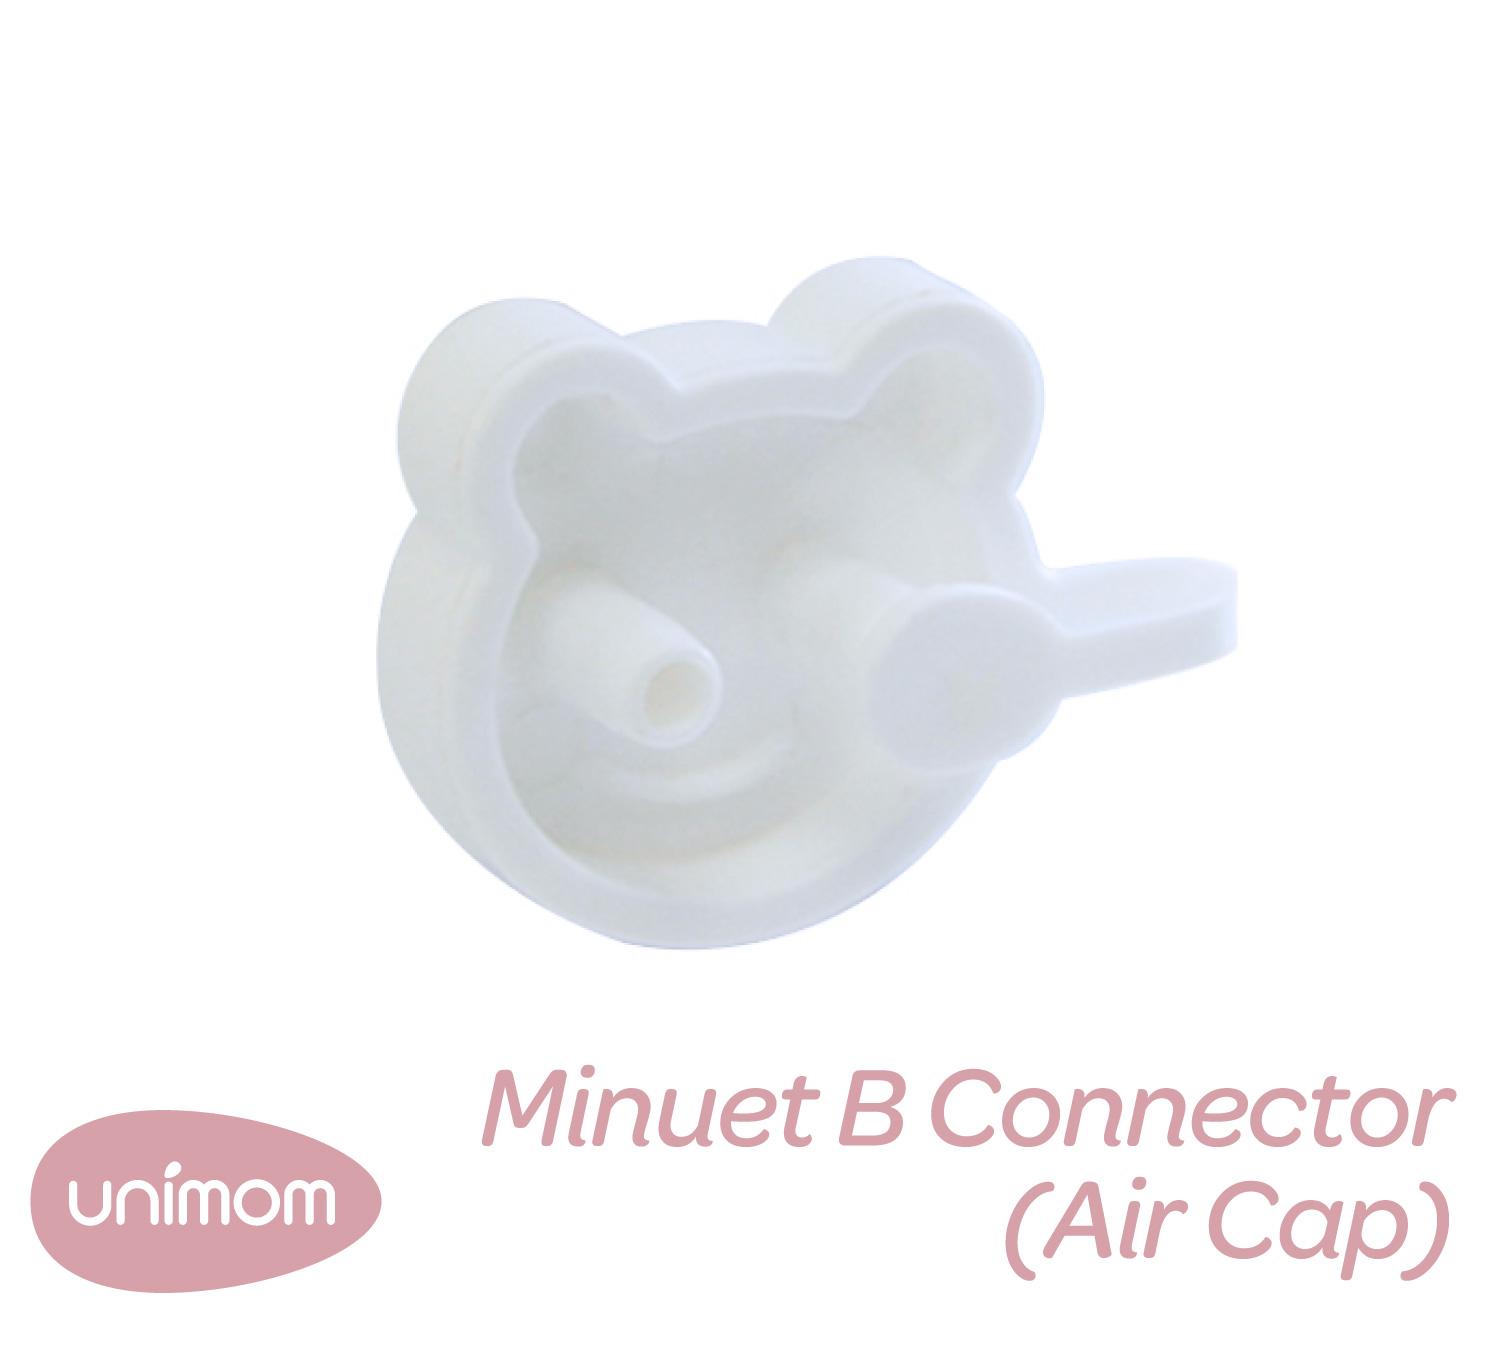 Unimom_Minuet-B-Connector-Air-Cap.jpg